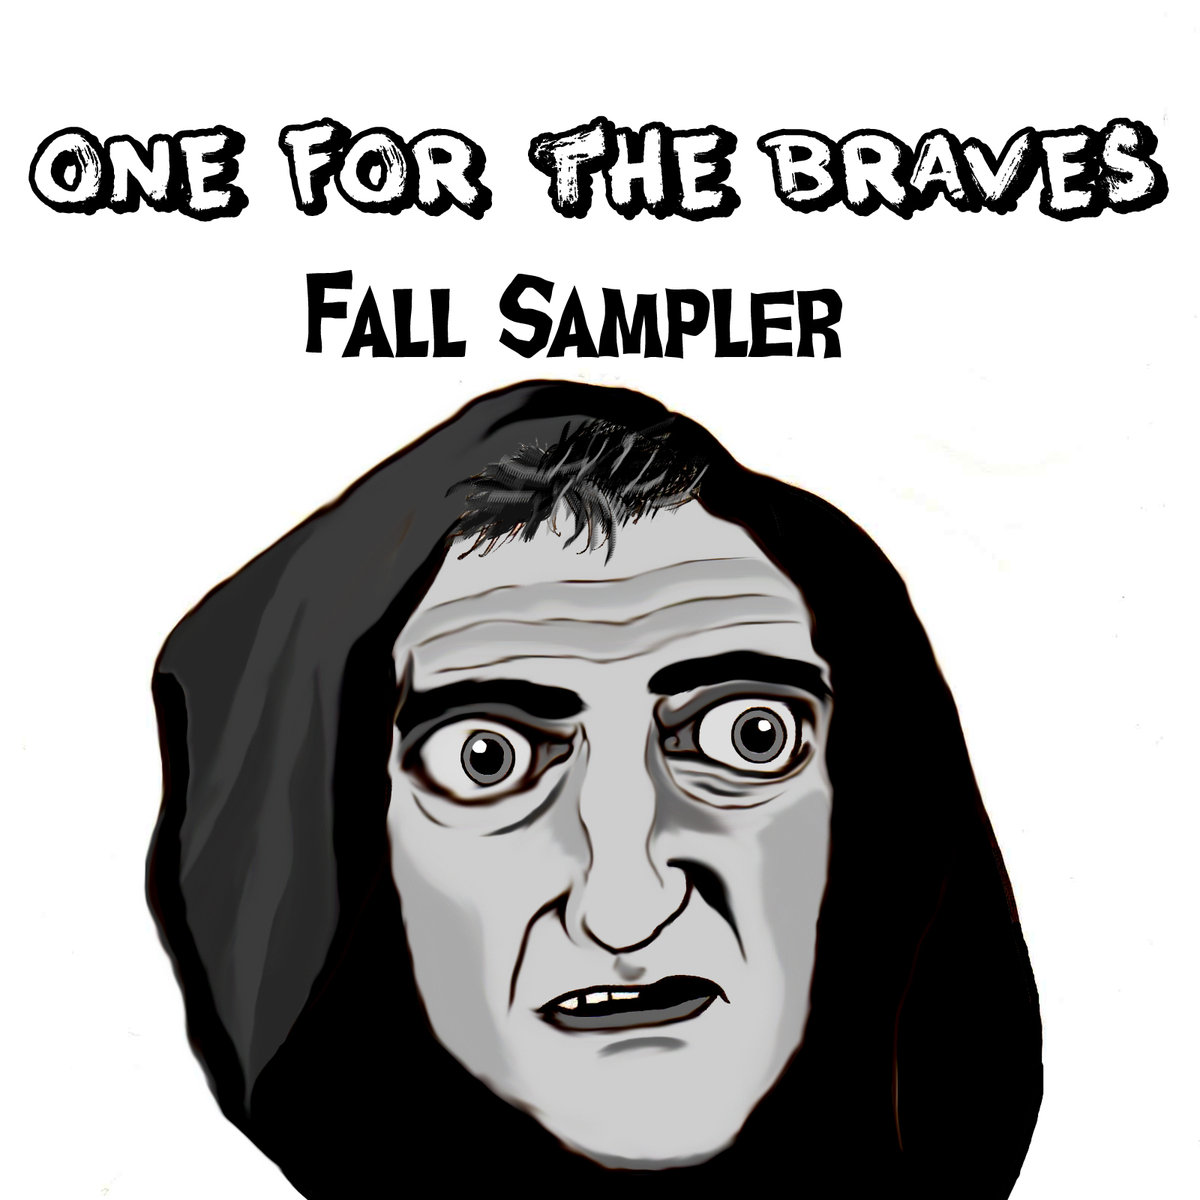 要チェックバンド襲来!これぞポップパンクなニューヨークの「One For The Braves」がニューEPをリリース!